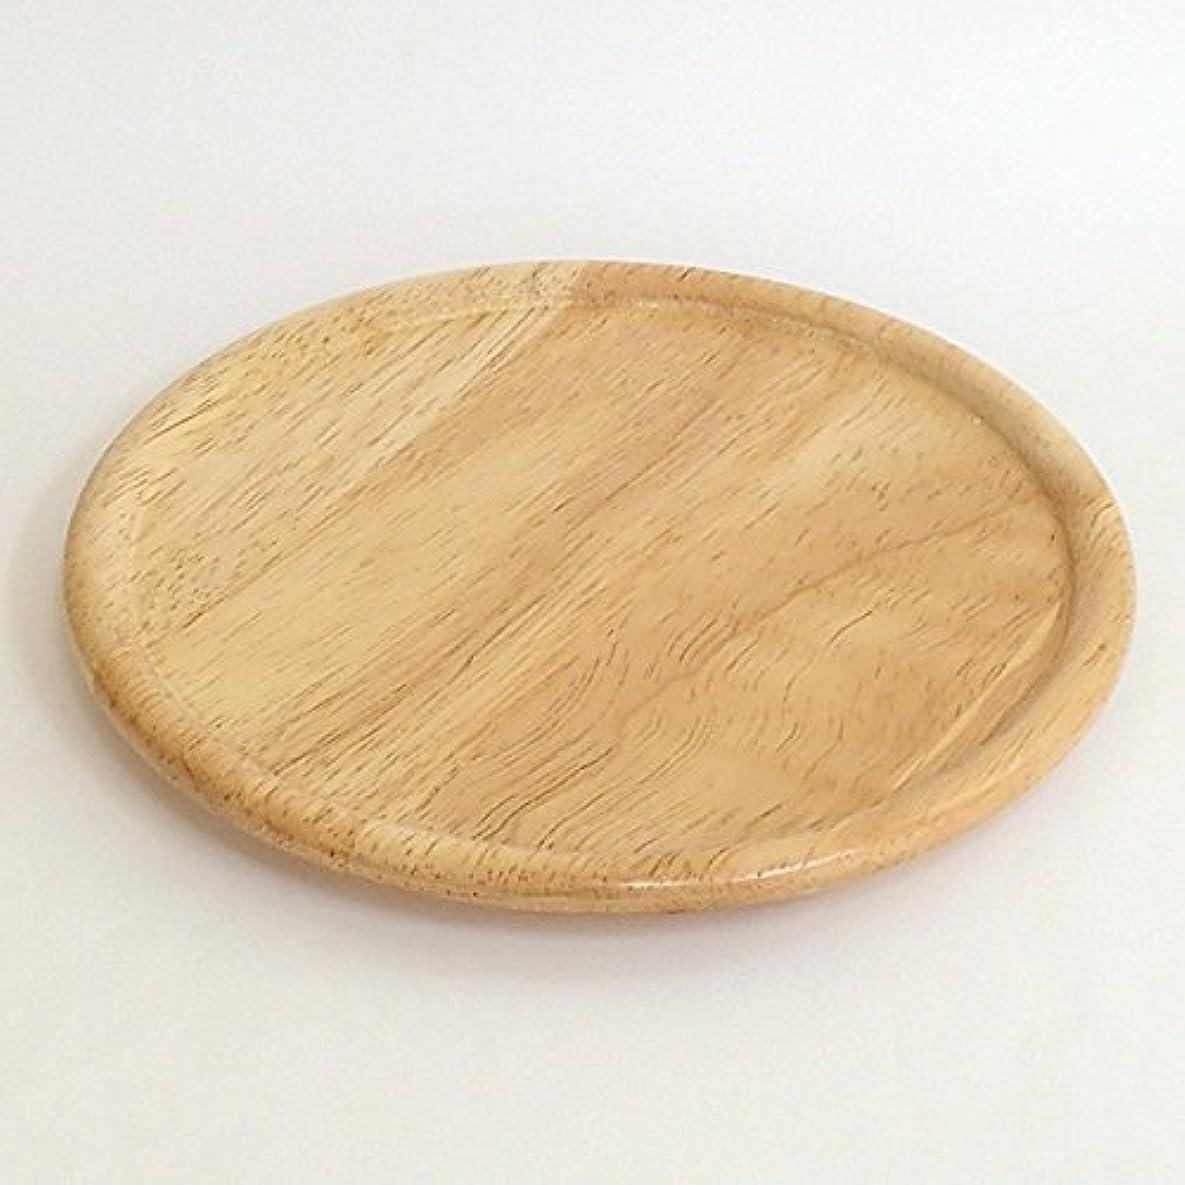 調和のとれた部族判定KOYO プラージュ 26cmピザプレート